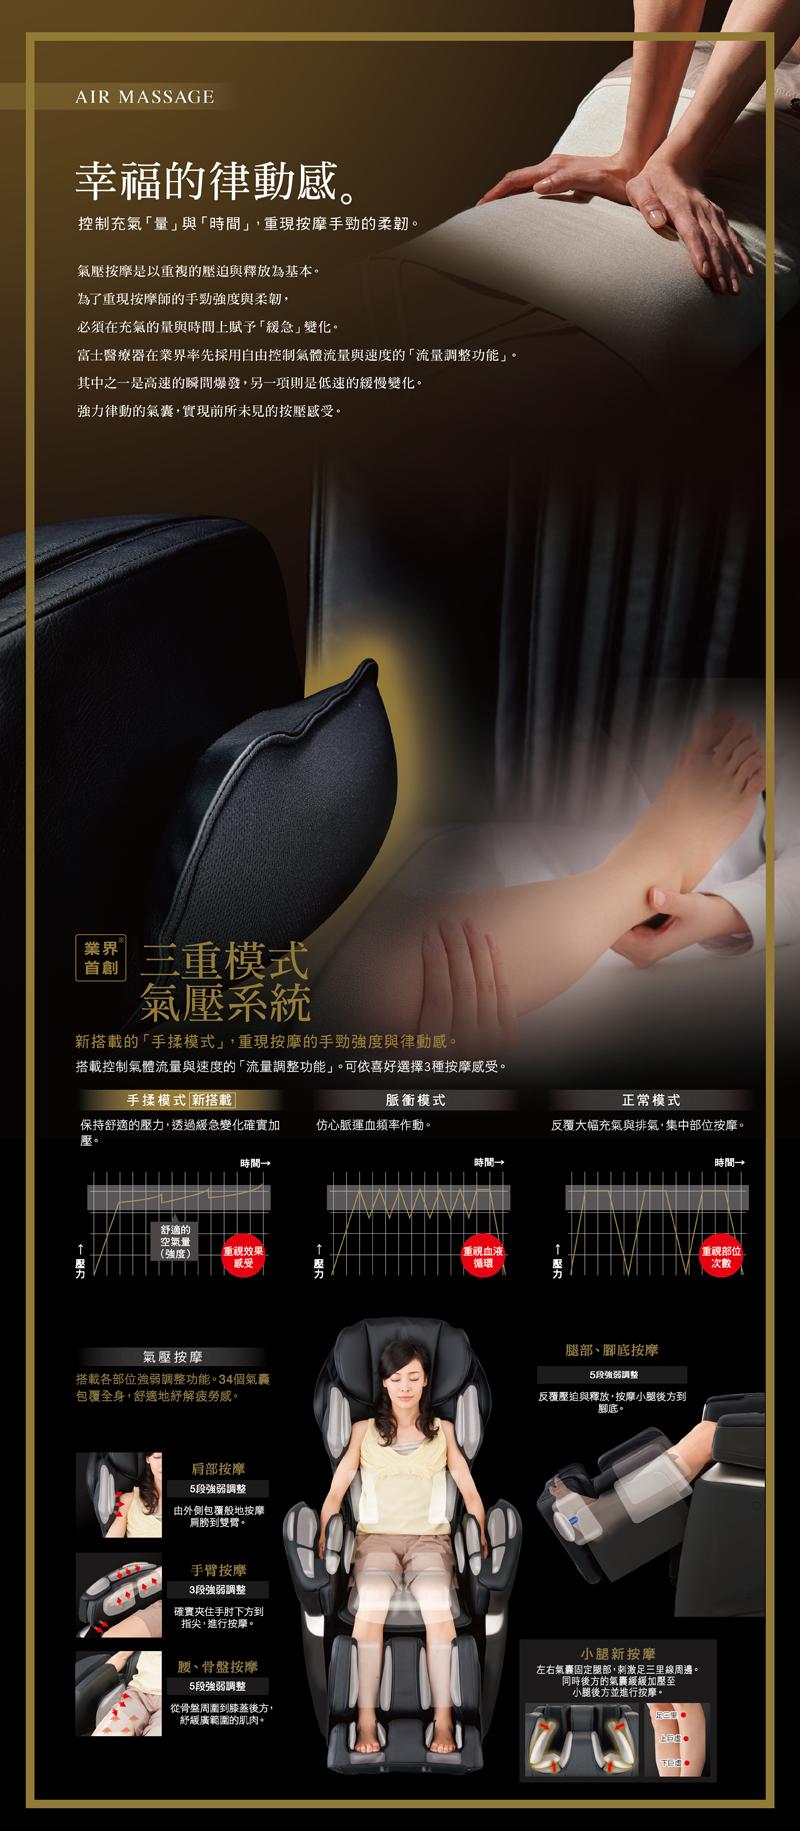 業界首創三重模式氣壓系統,可依喜好選擇3種按摩感受;新搭載的手揉模式,重現按摩的手勁強度與律動感